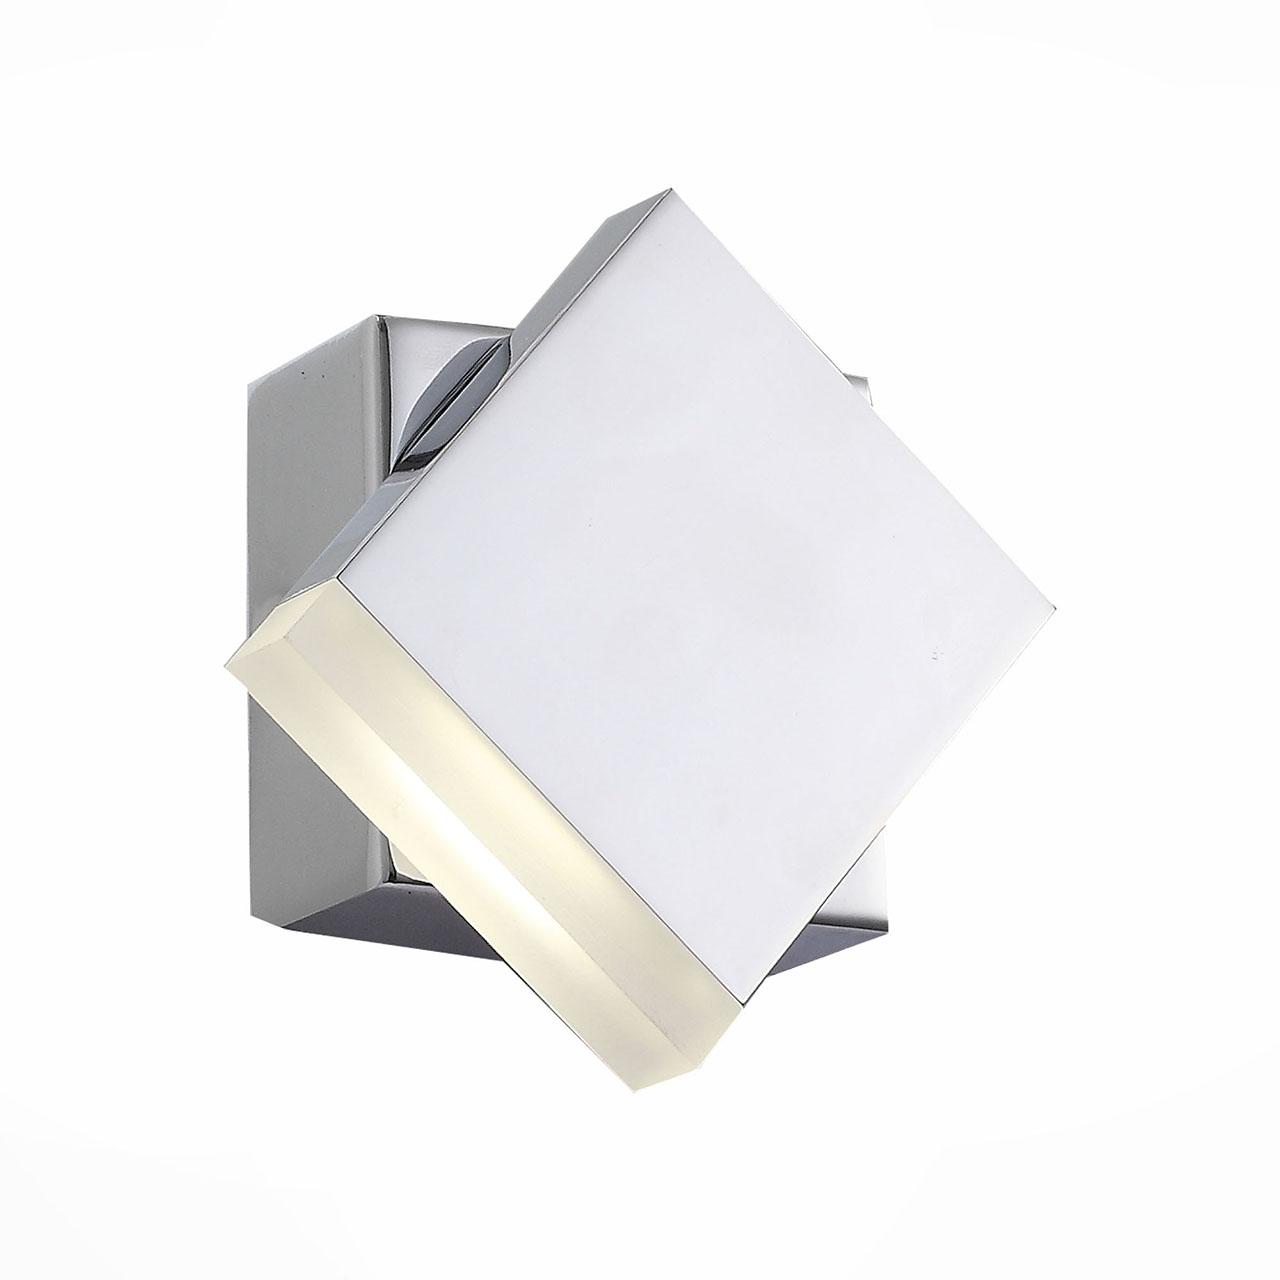 Фото - Настенный светильник ST Luce, LED, 3 Вт светильник настенный divinare foschia 8110 03 ap 1 4620016104644